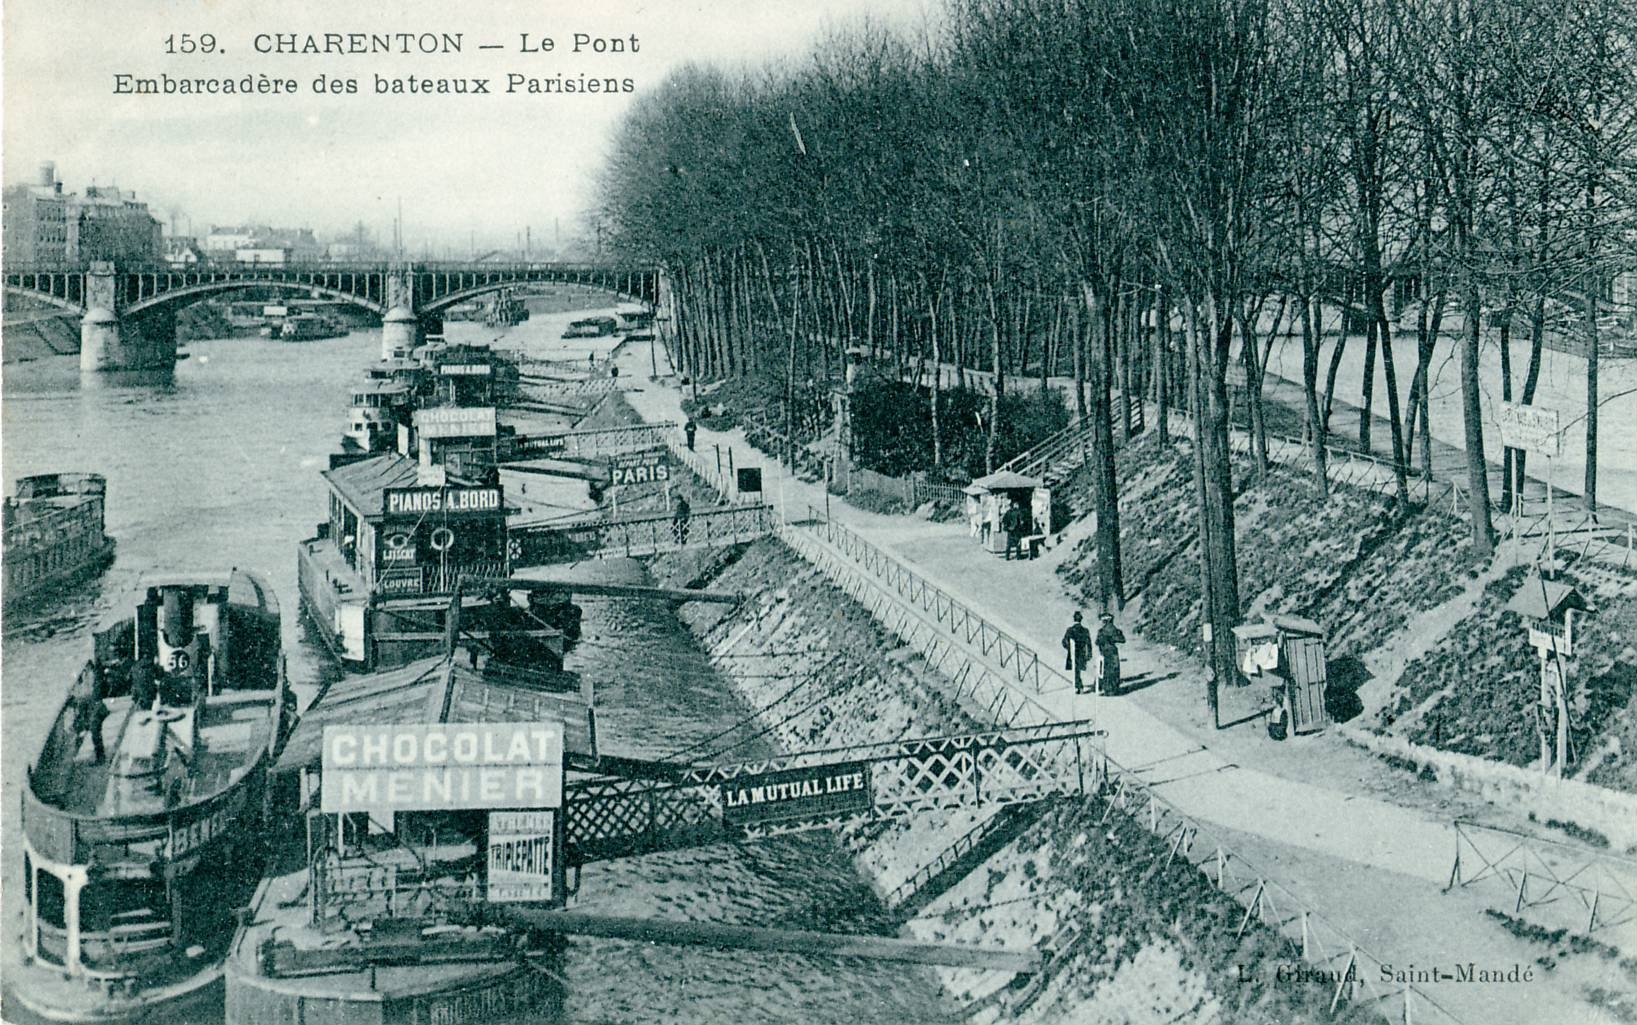 bordels parisiens Charenton-le-Pont